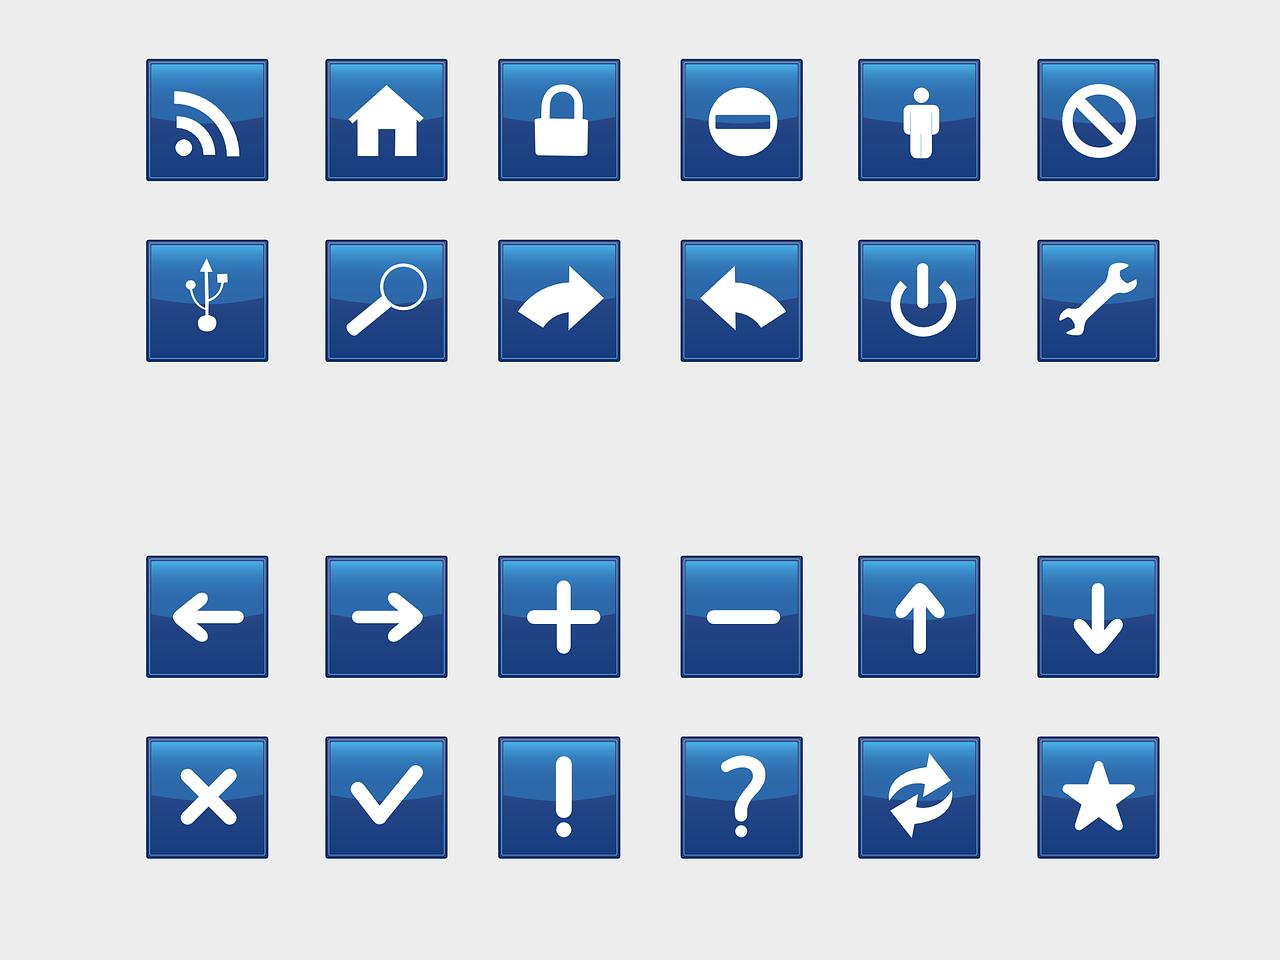 картинки для кнопок на браузер должен